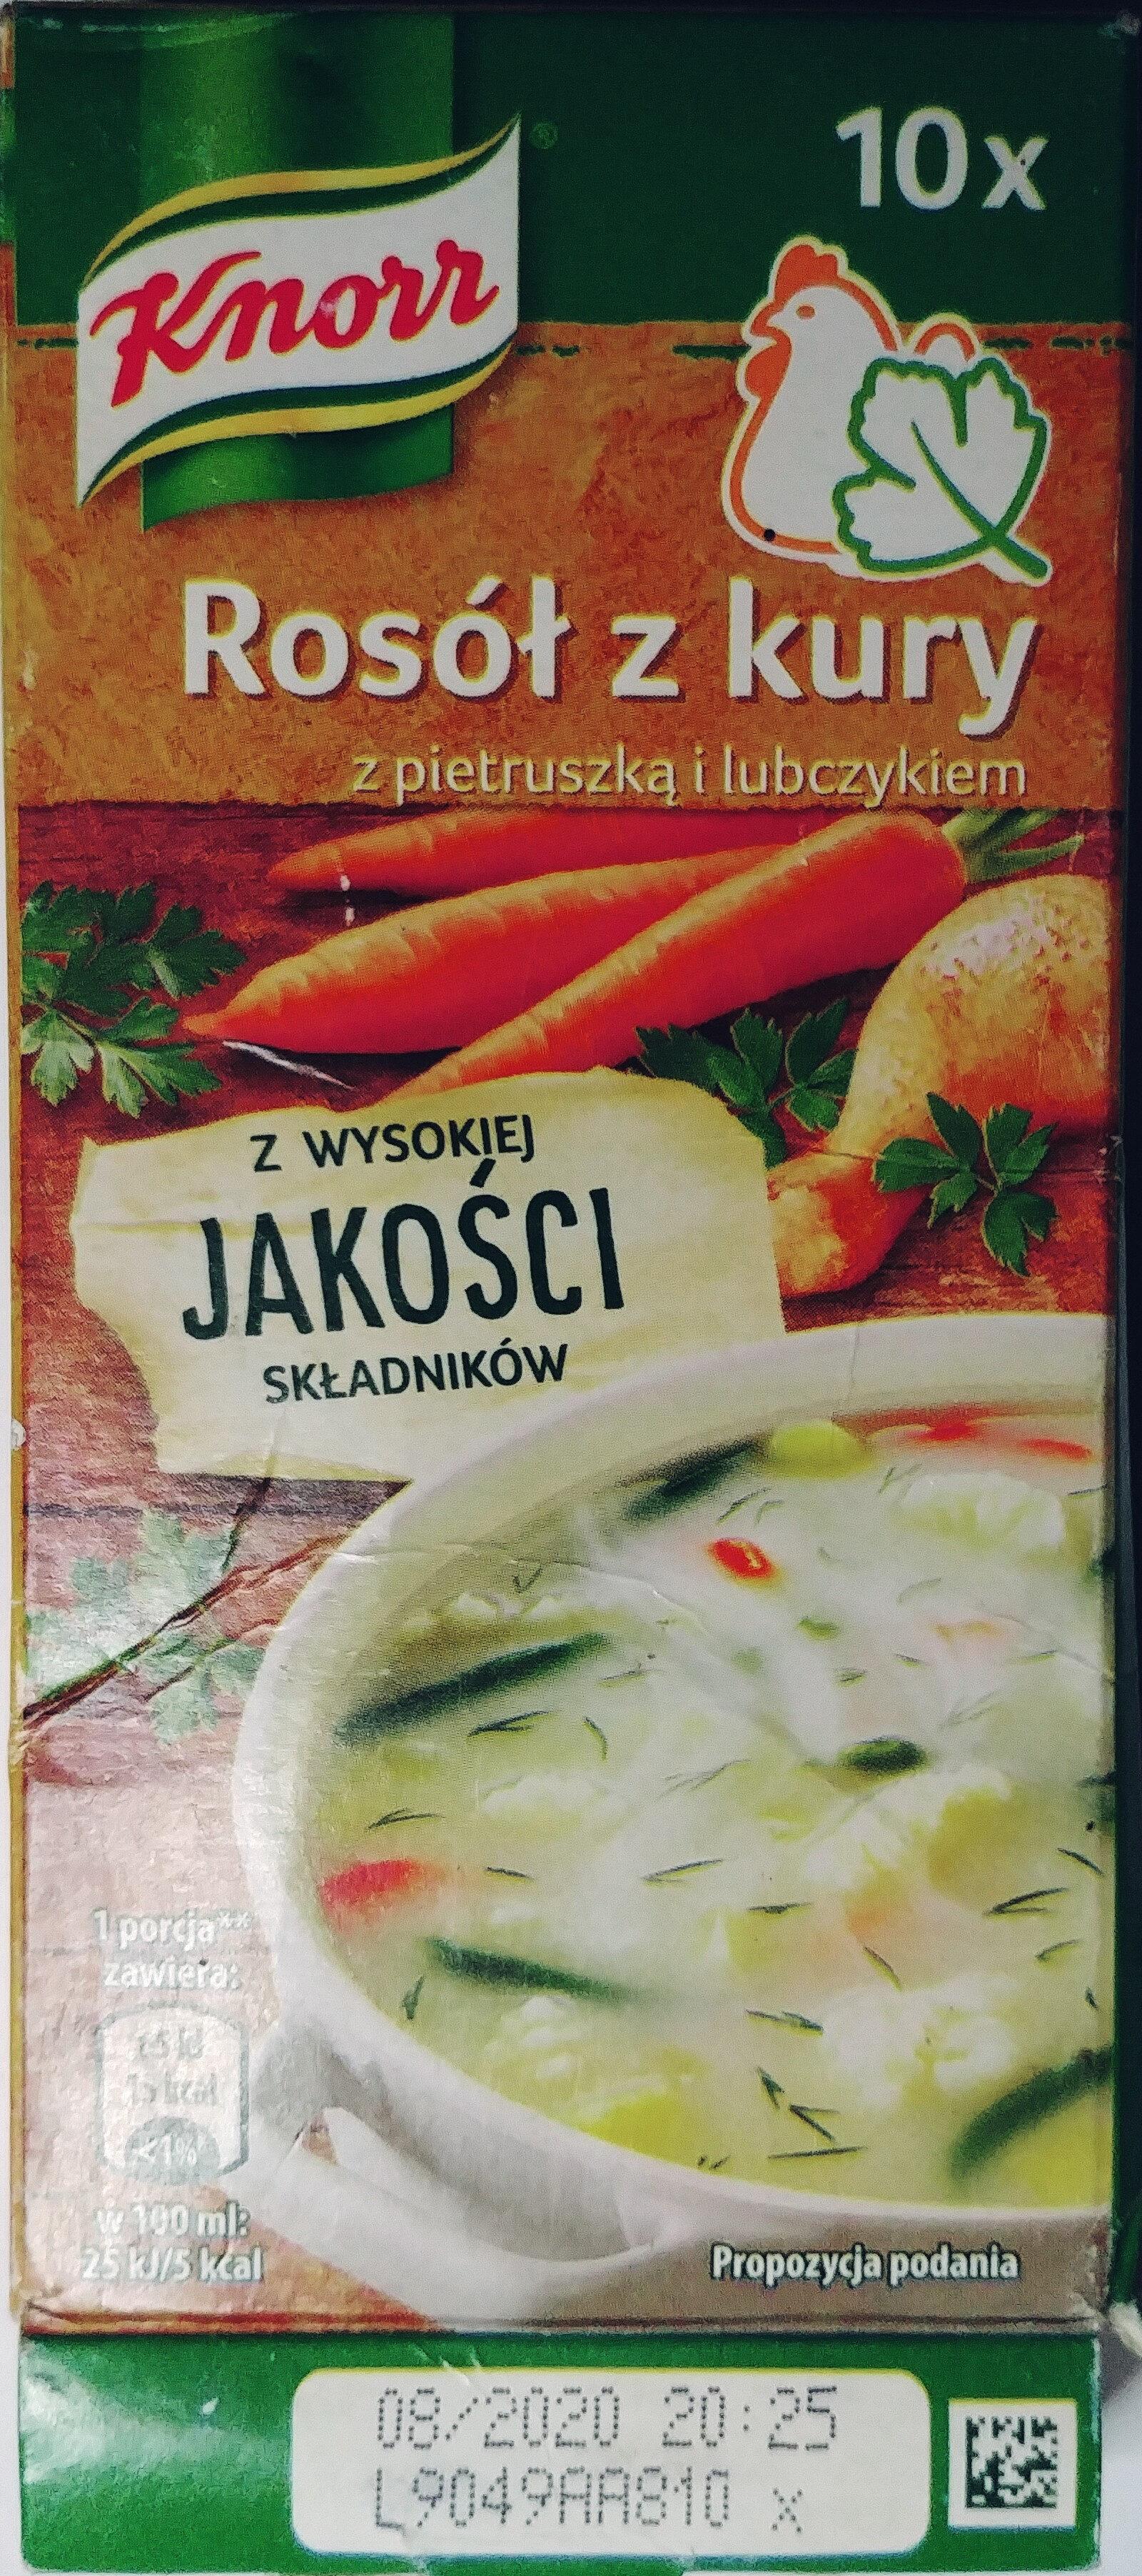 Rosół z kury z pietruszką i lubczykiem - Produkt